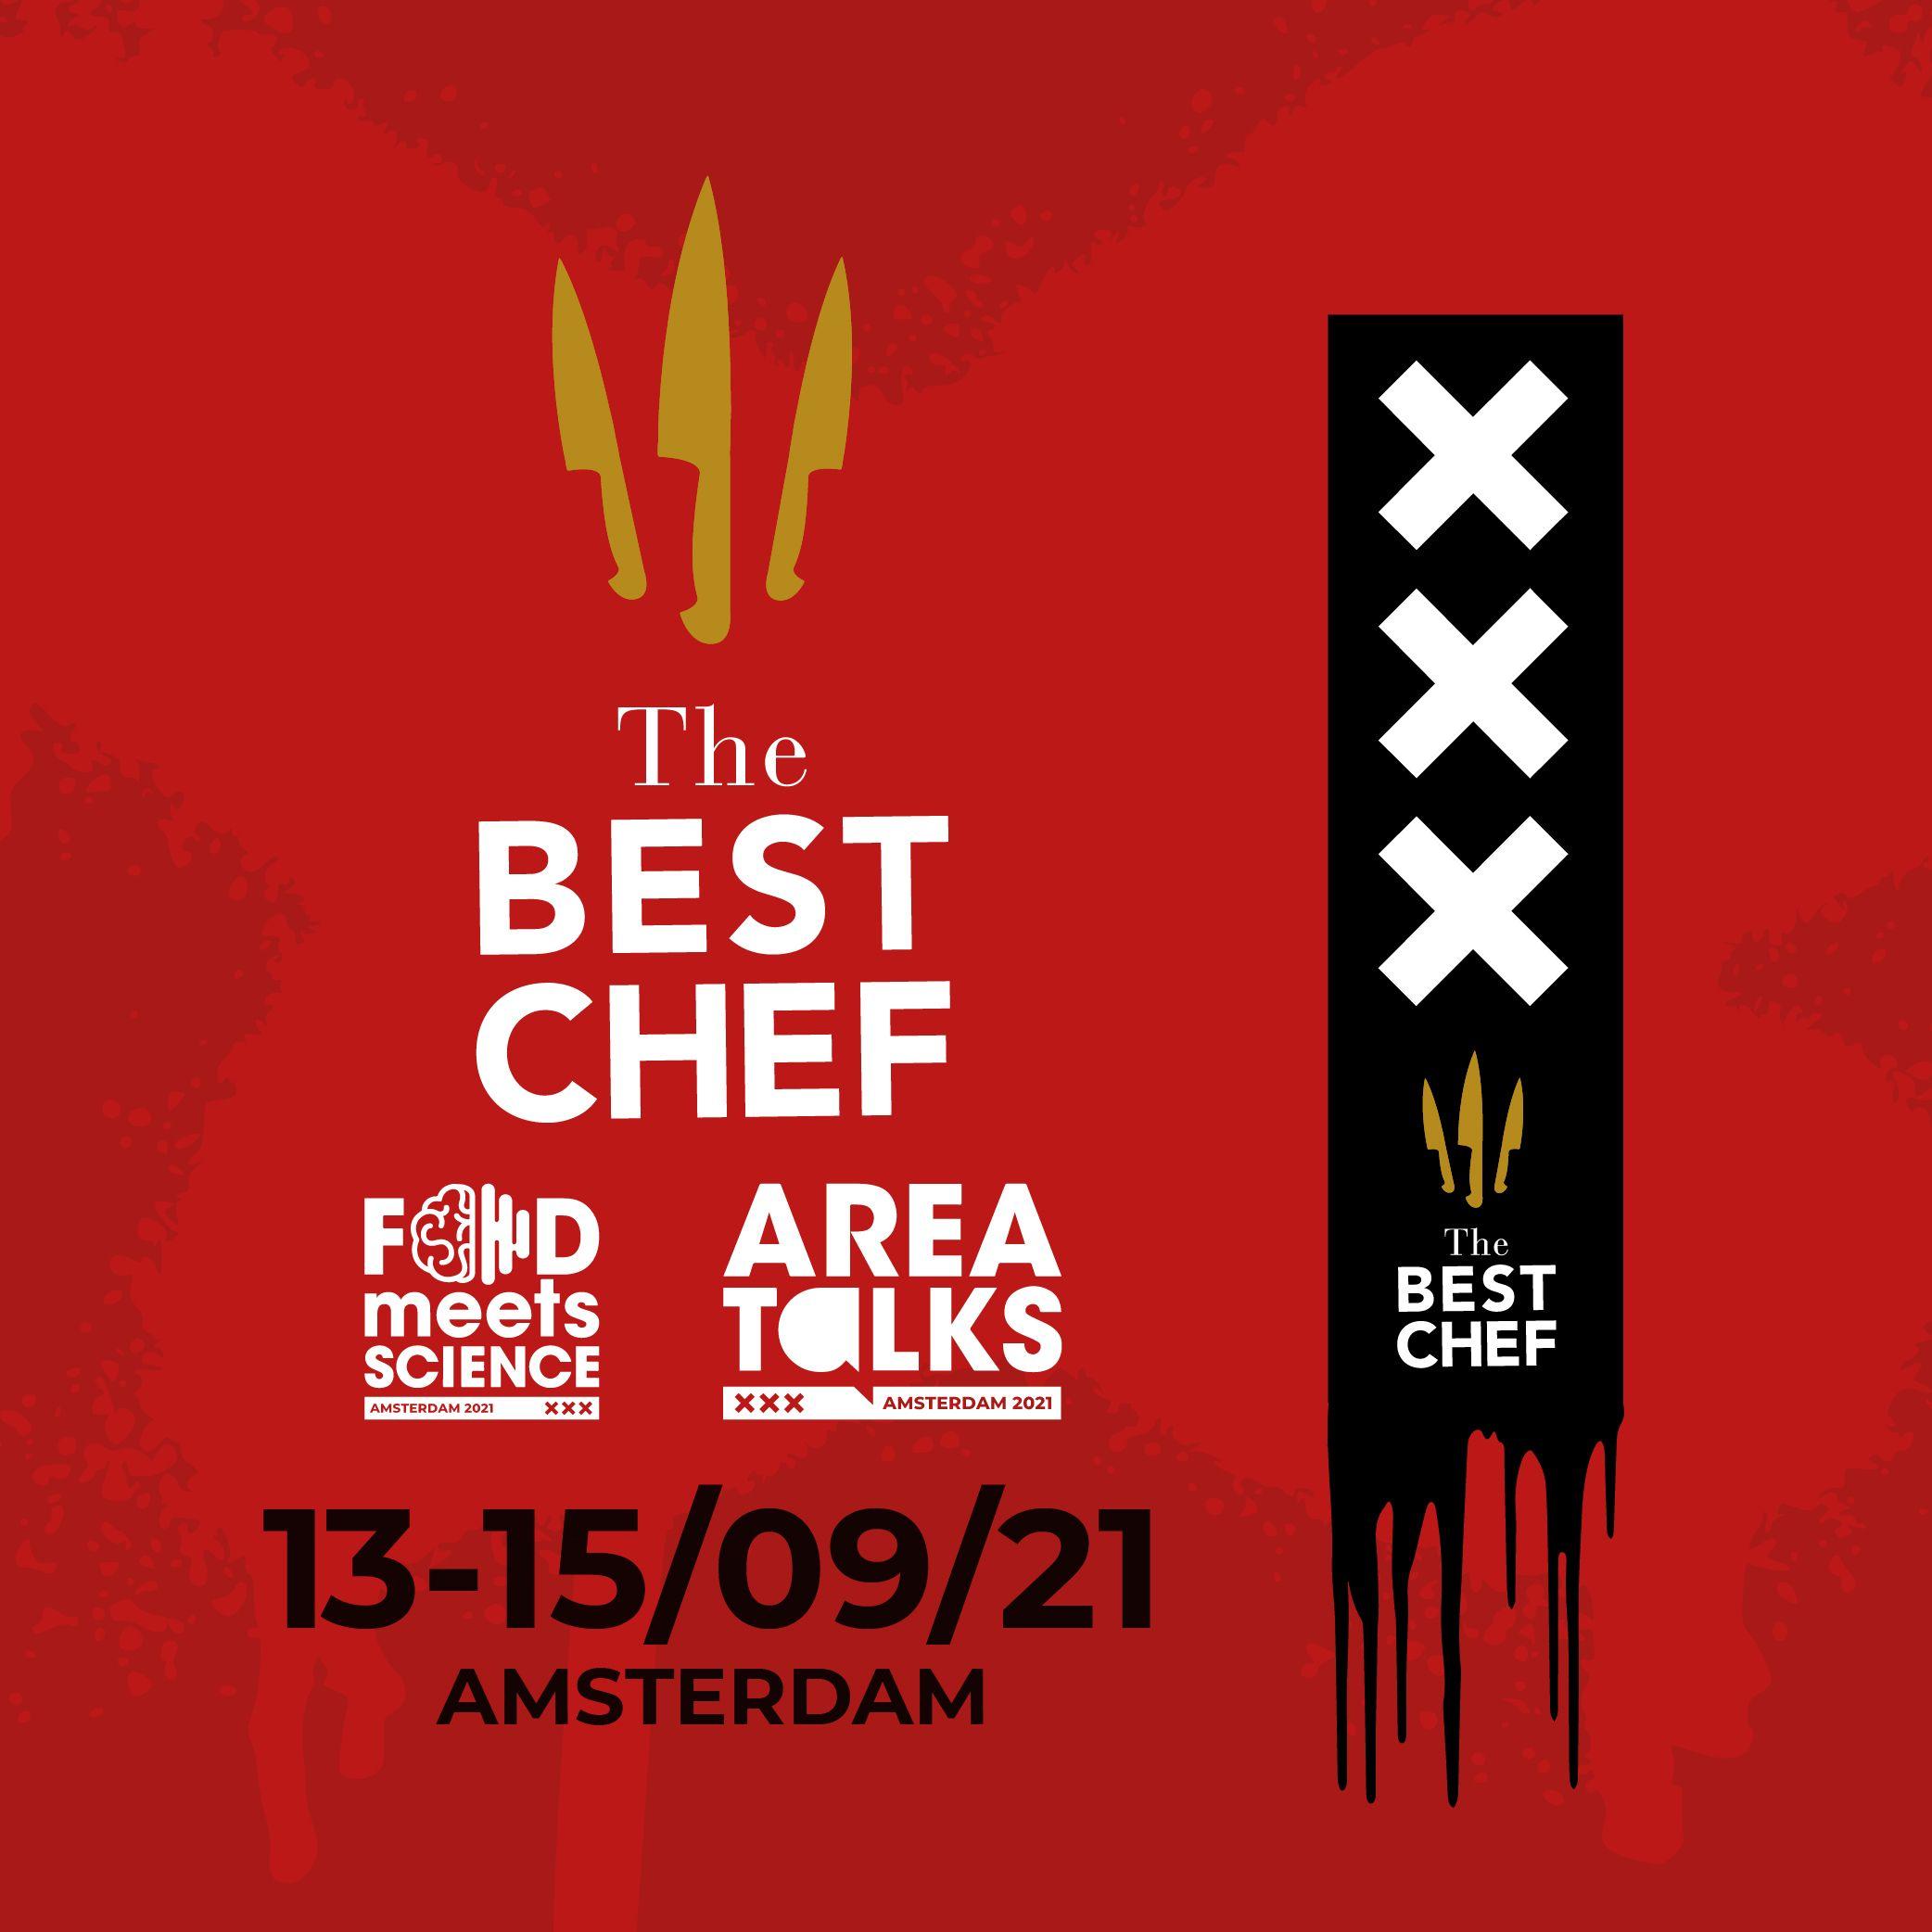 Amsterdam gospodarzem piątej edycji The Best Chef Awards 2021